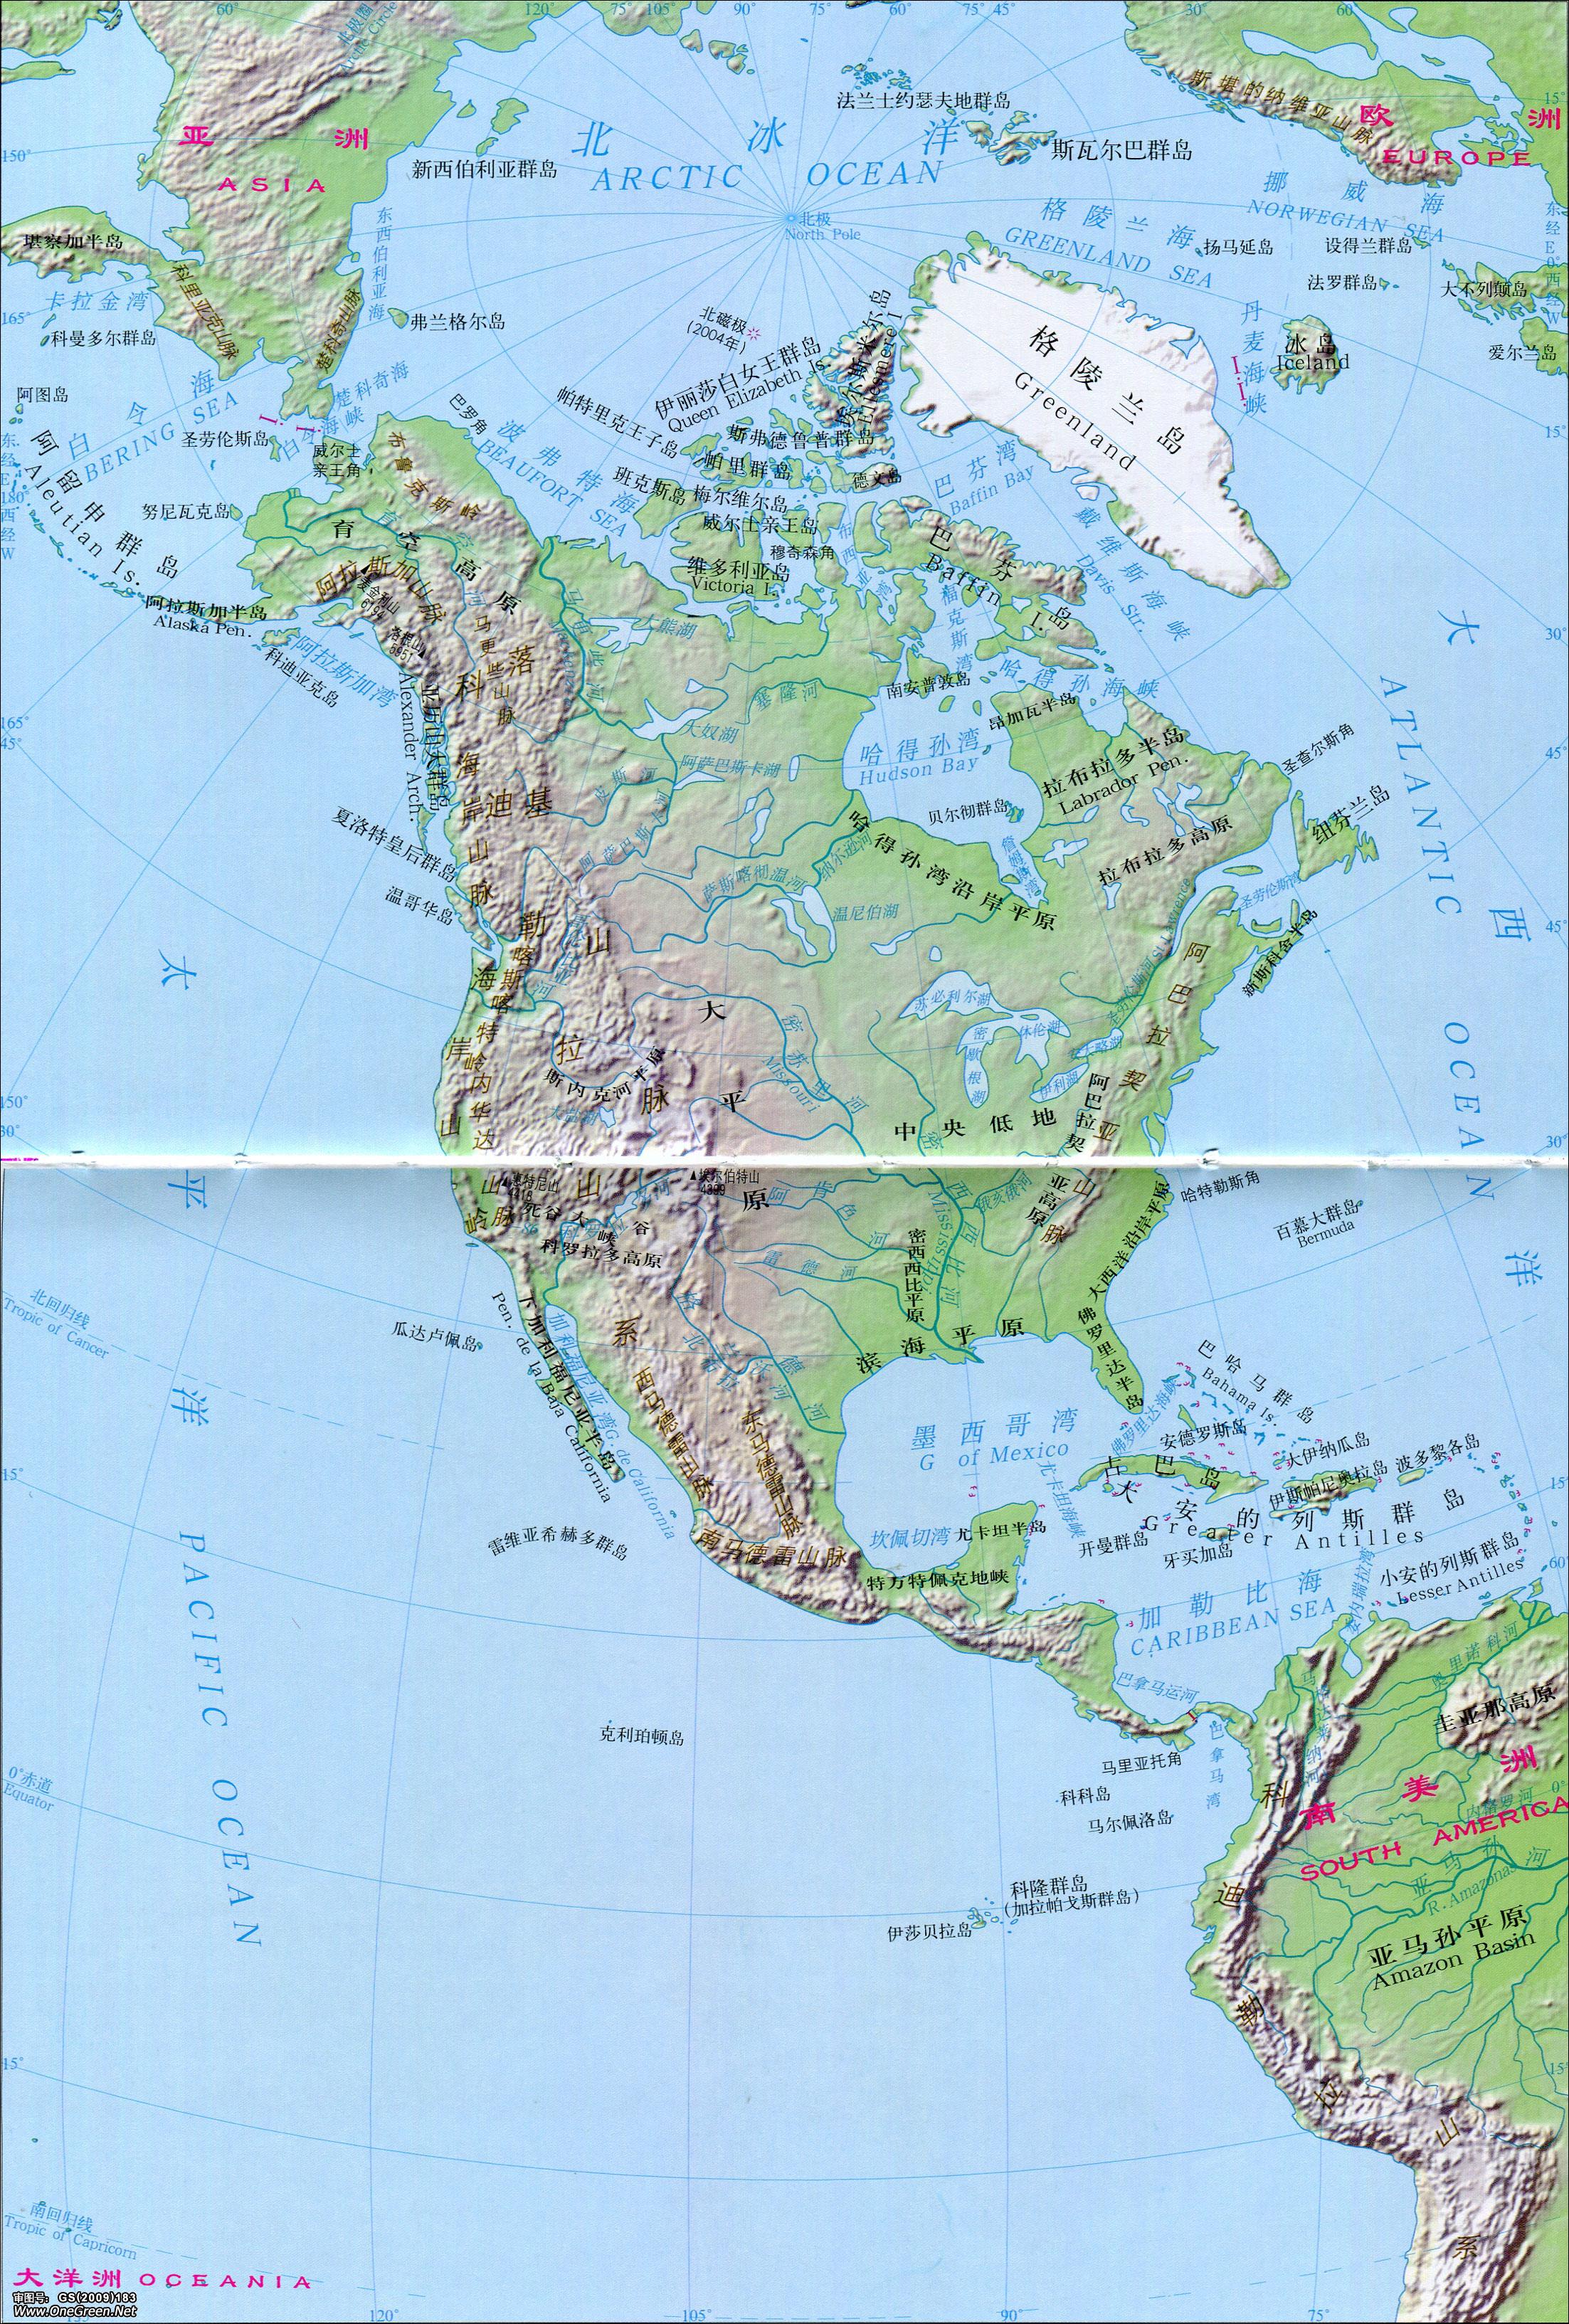 非洲 地图 中文 版